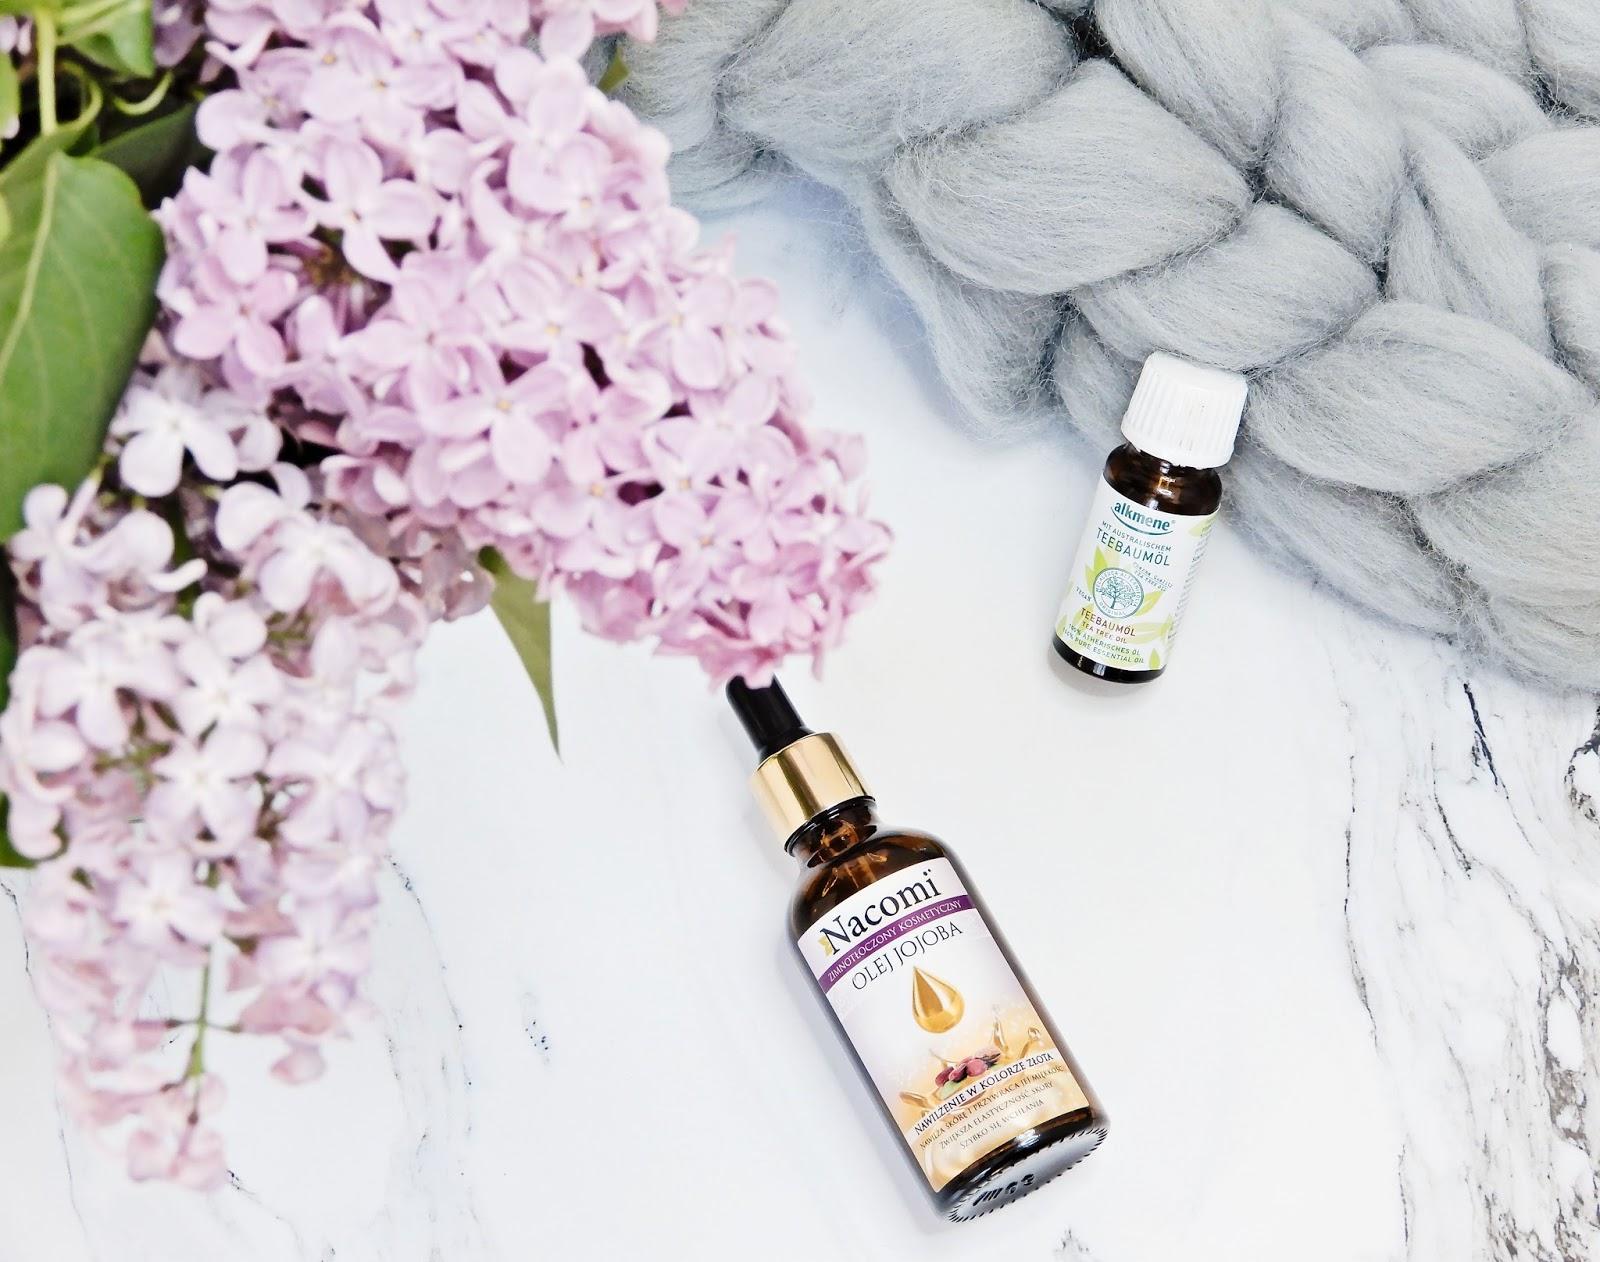 Olejek z drzewa herbacianego, olej jojoba, rozcieńczanie olejku herbacianego, olejek z drzewa herbacienago z olejem jojoba,